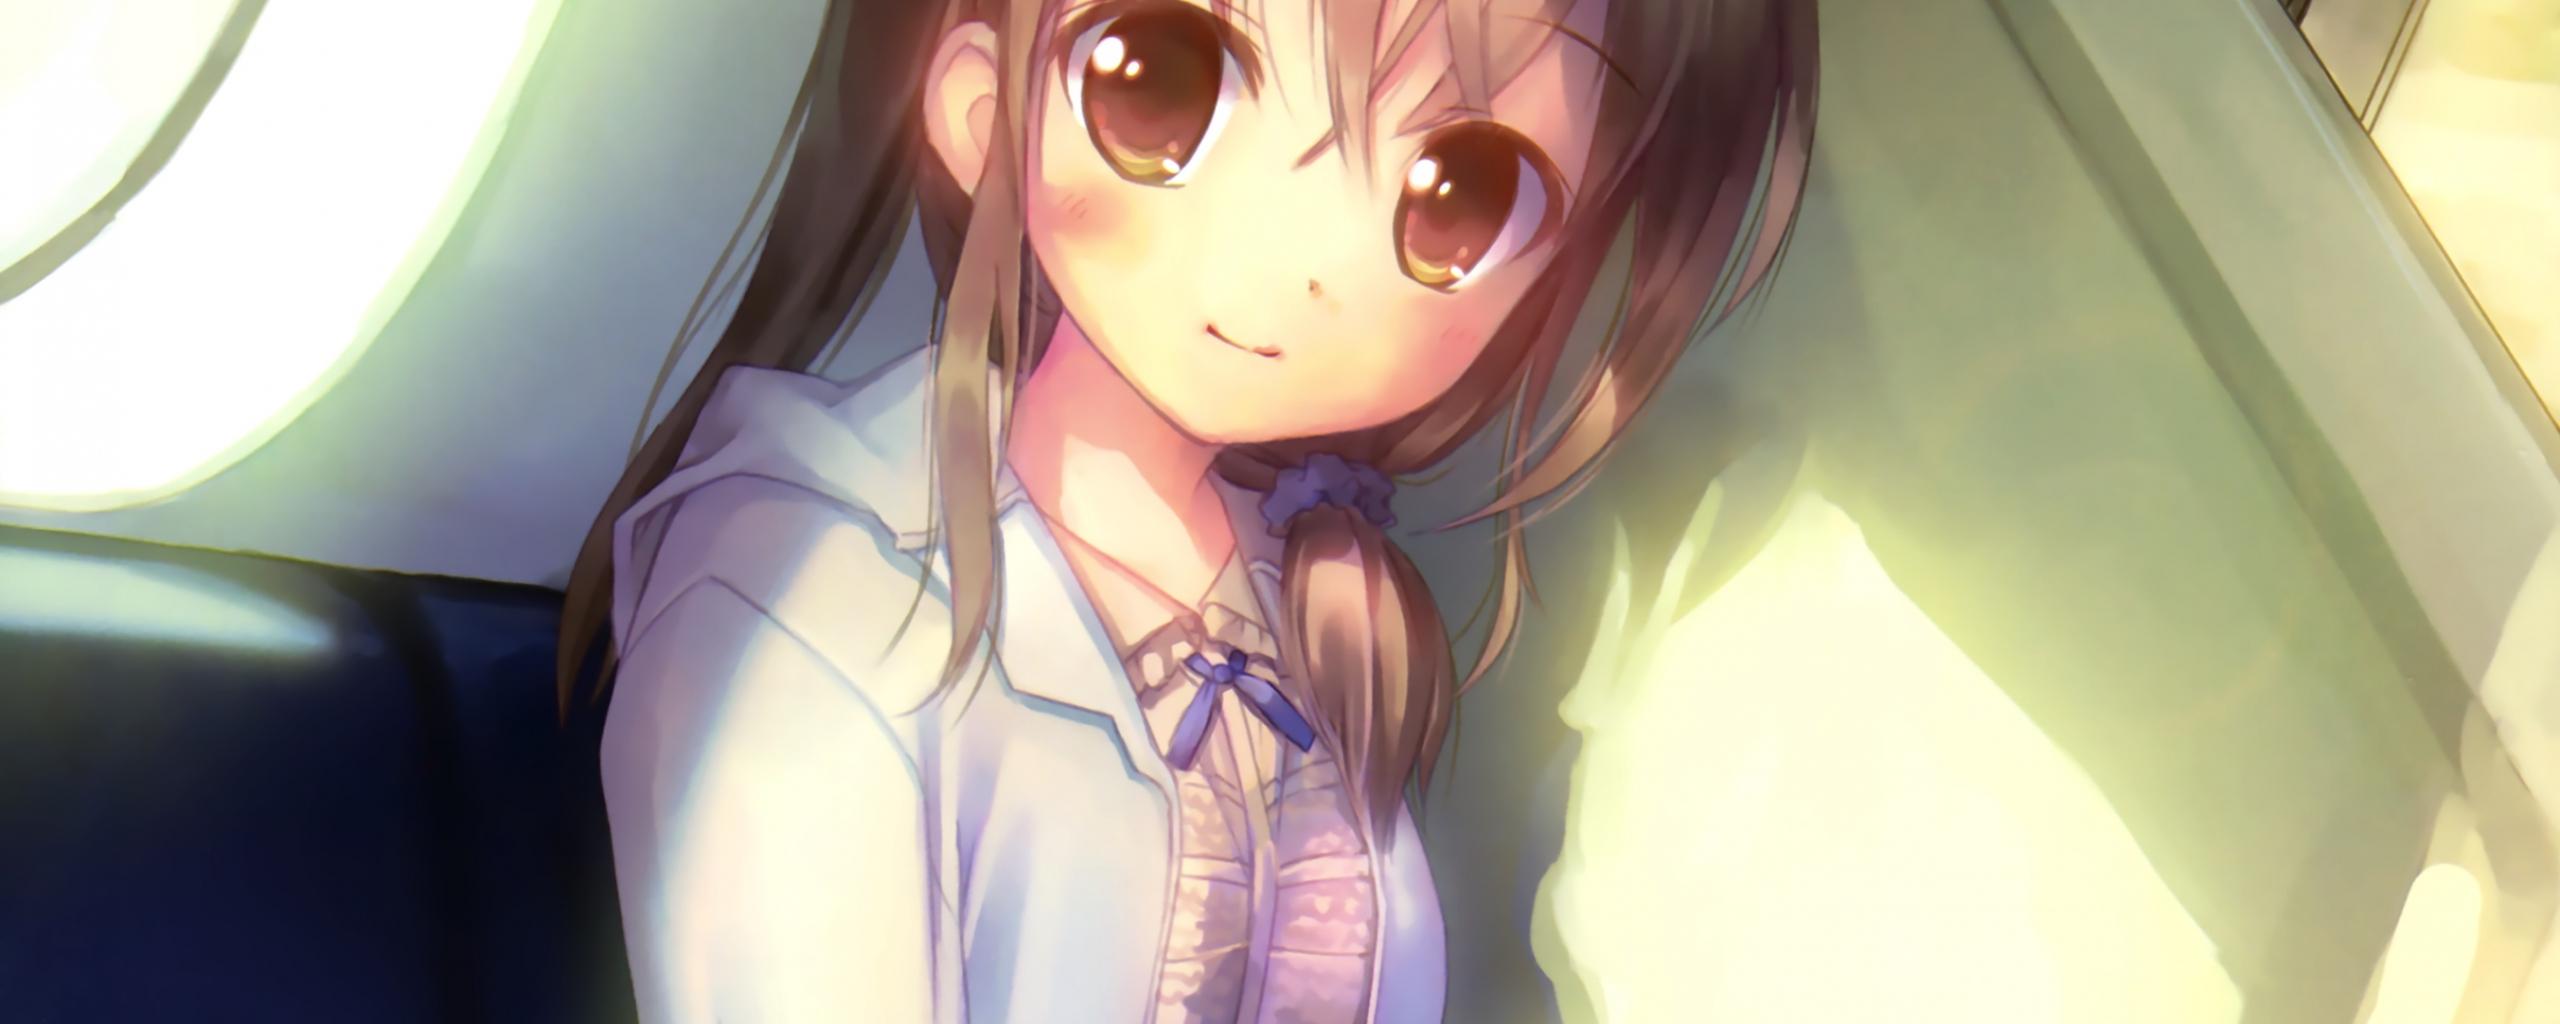 Desktop Wallpaper Cute Original Anime Girl Beautiful Brown